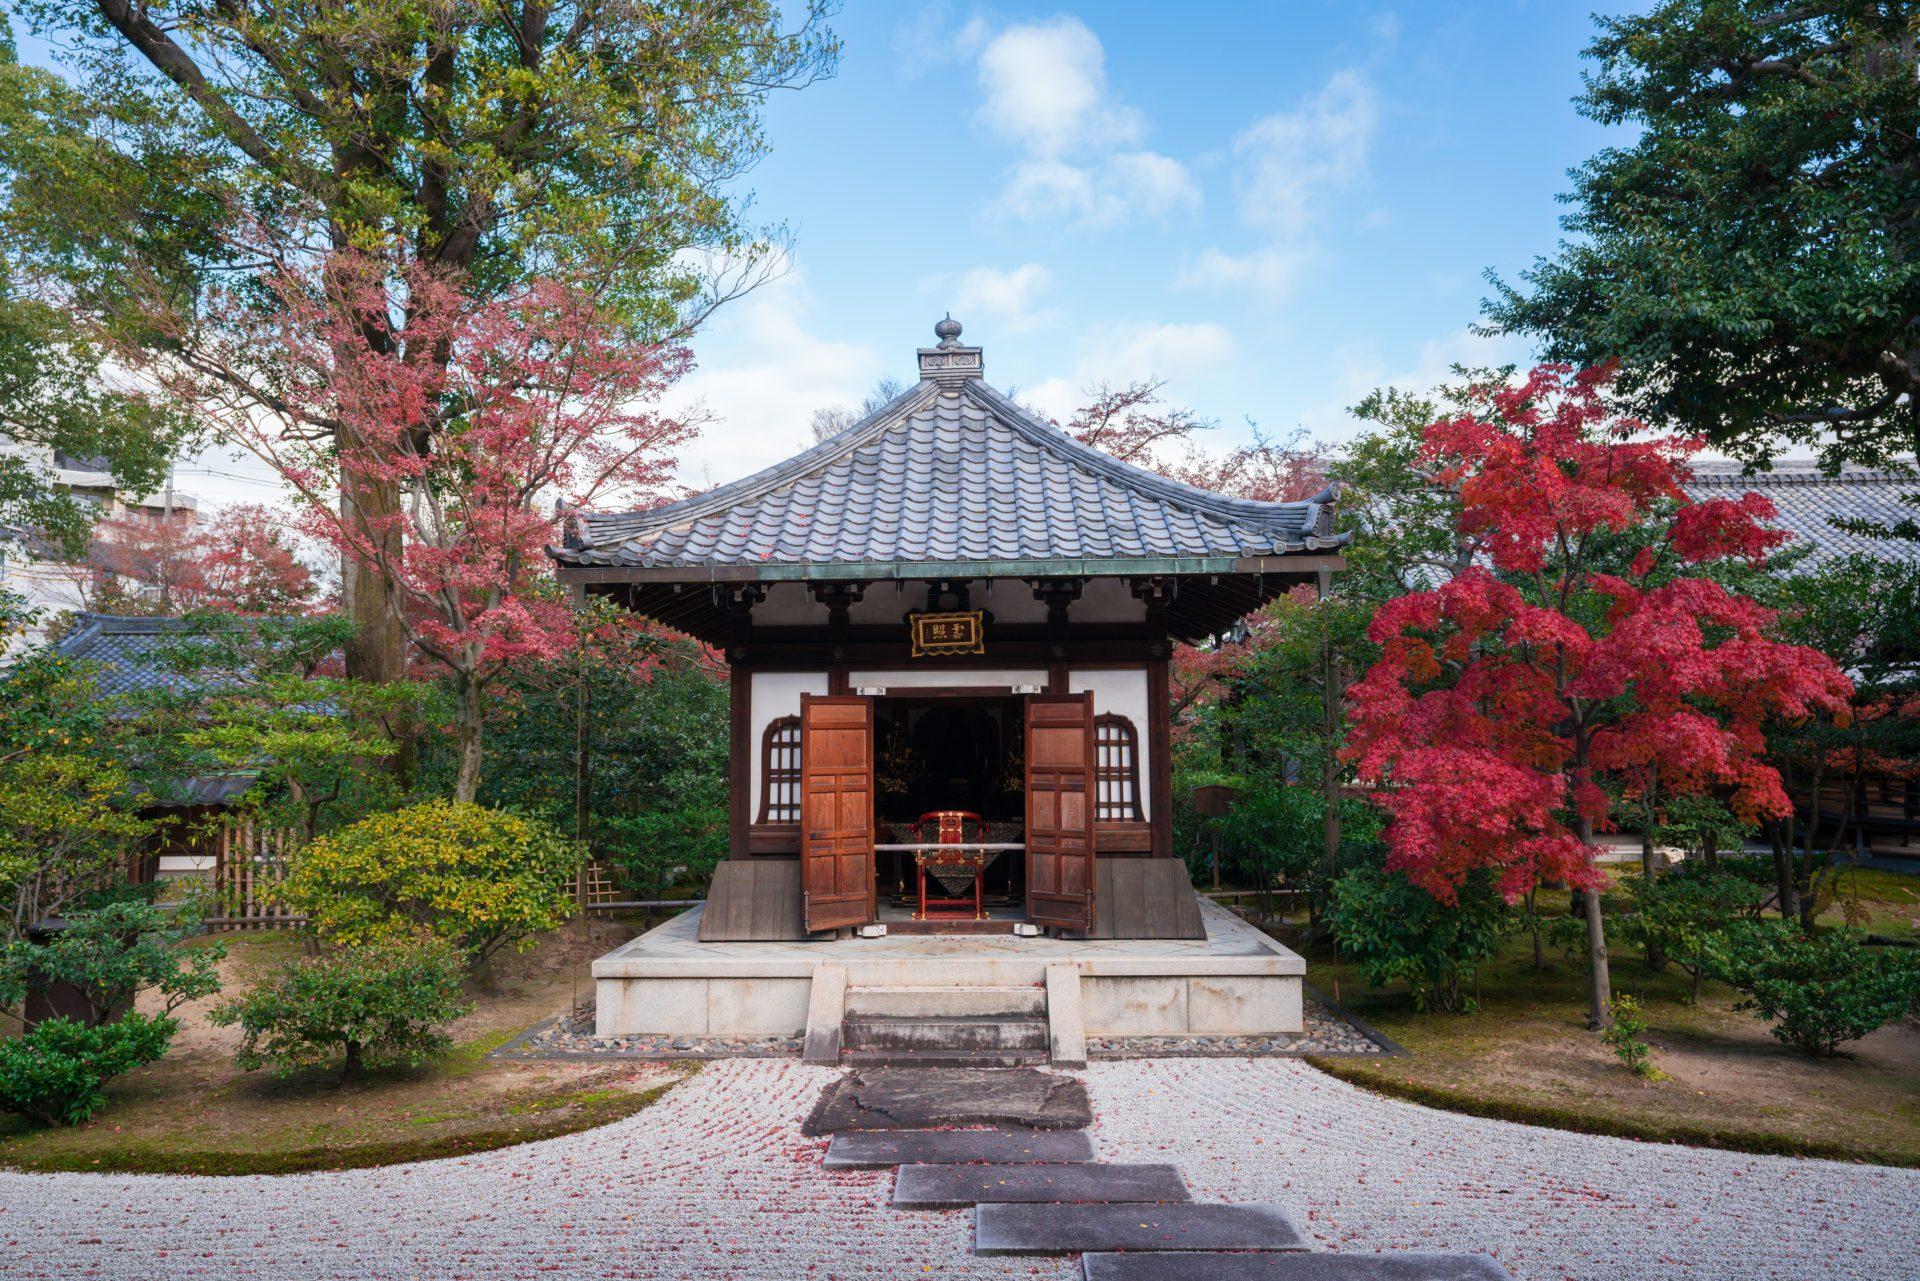 京都建仁寺の霊照堂と紅葉